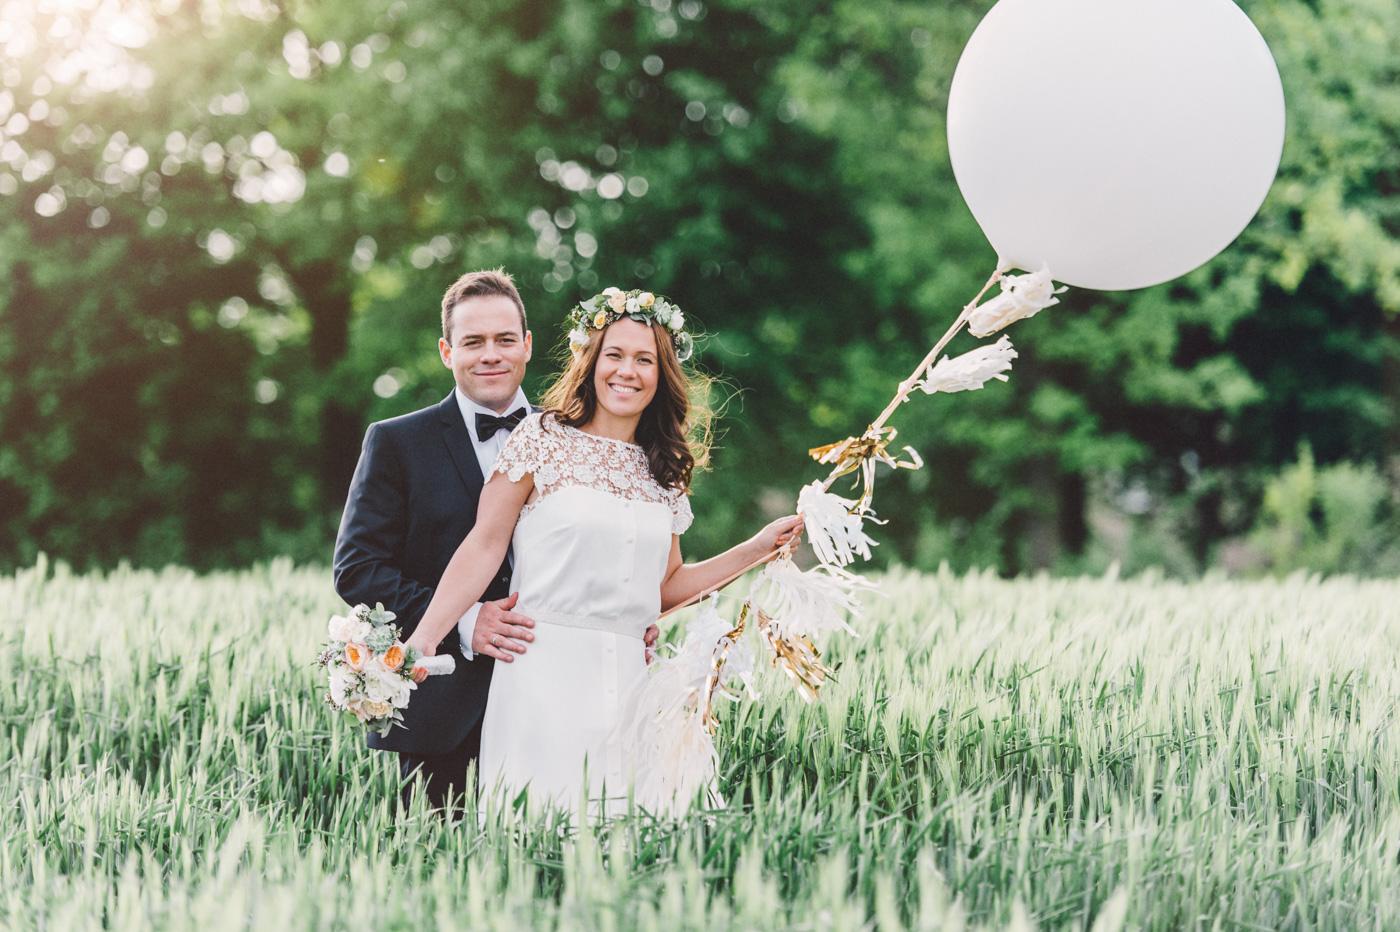 diy-wedding-nothenhof--125